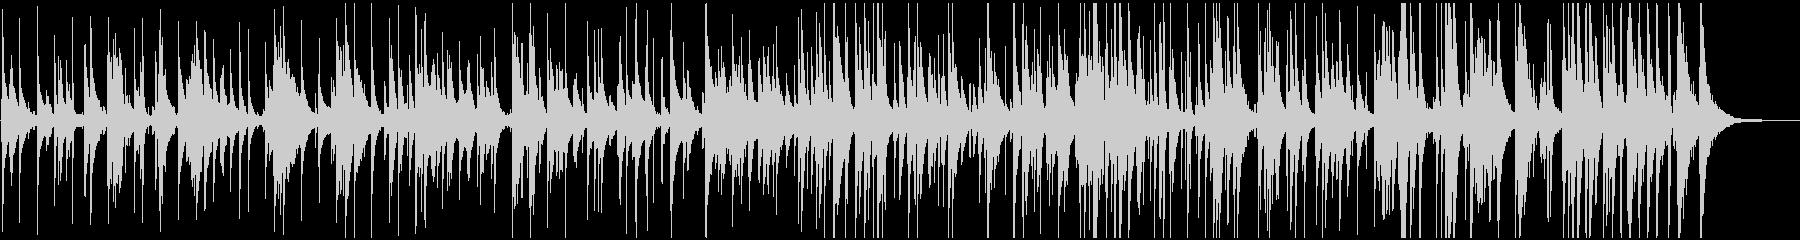 秋や冬に合う黄昏のジャズ トリオの未再生の波形